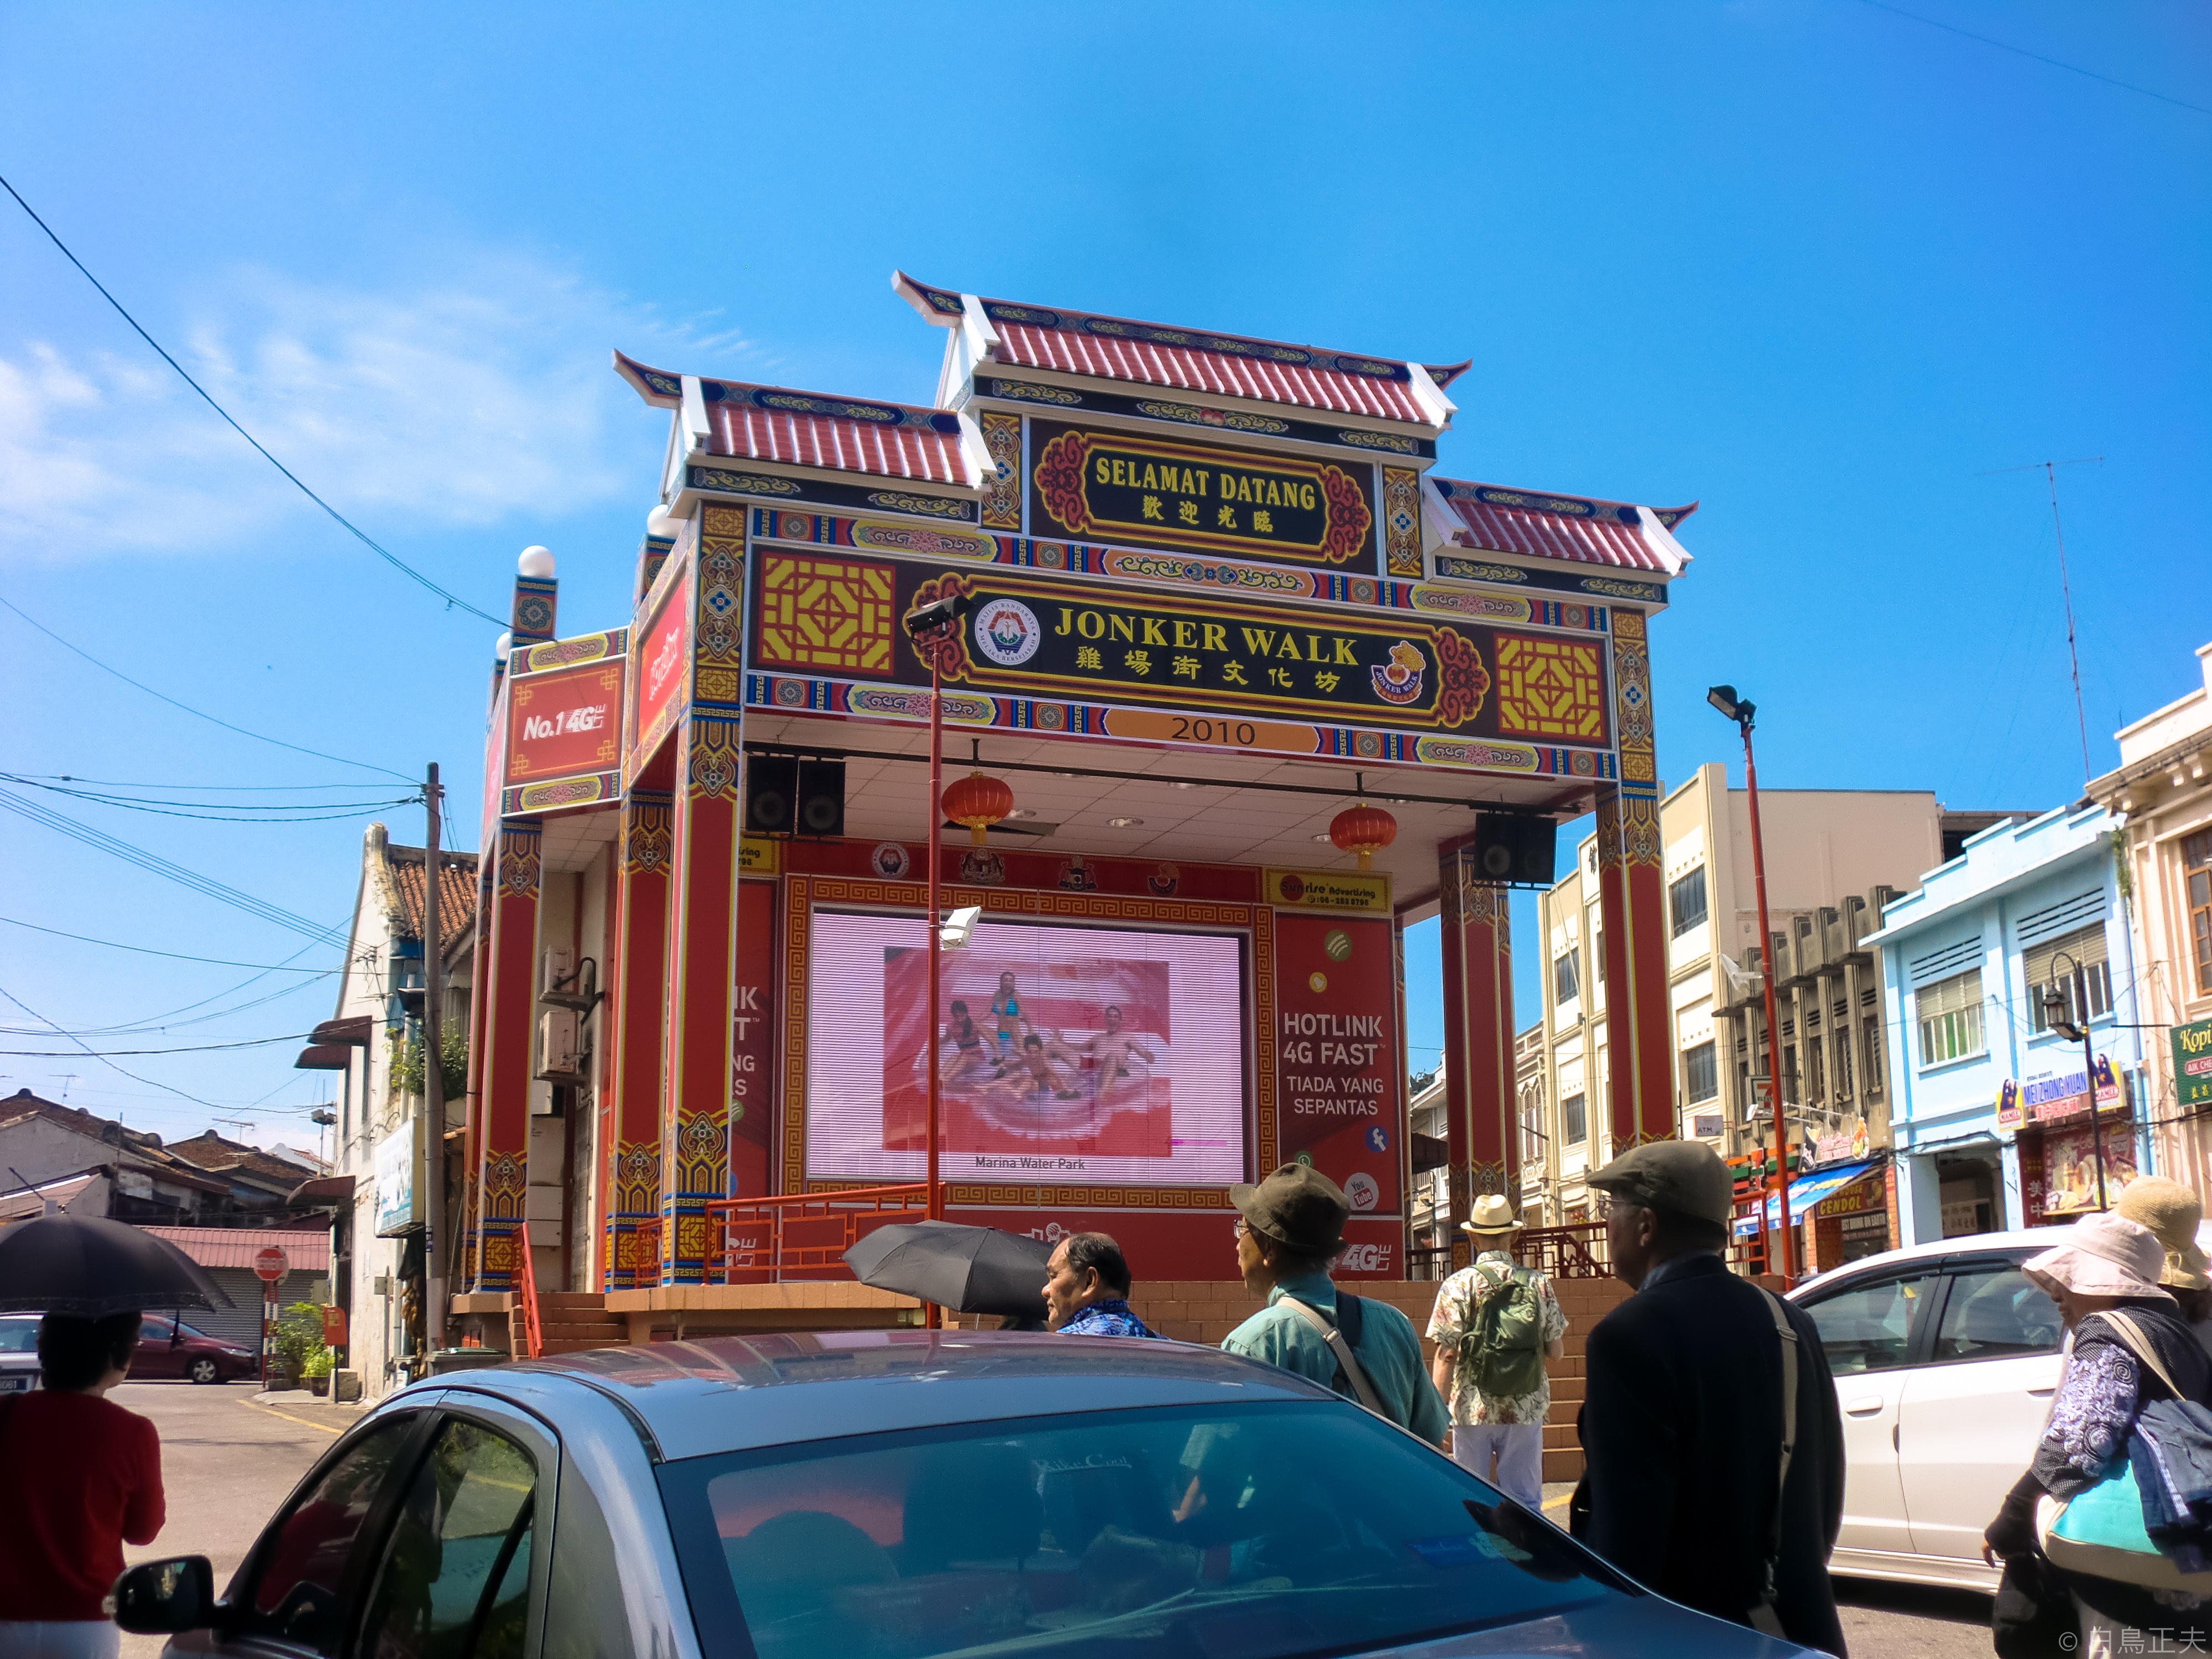 まるで中華街の雰囲気が漂うマラッカのトコン通り